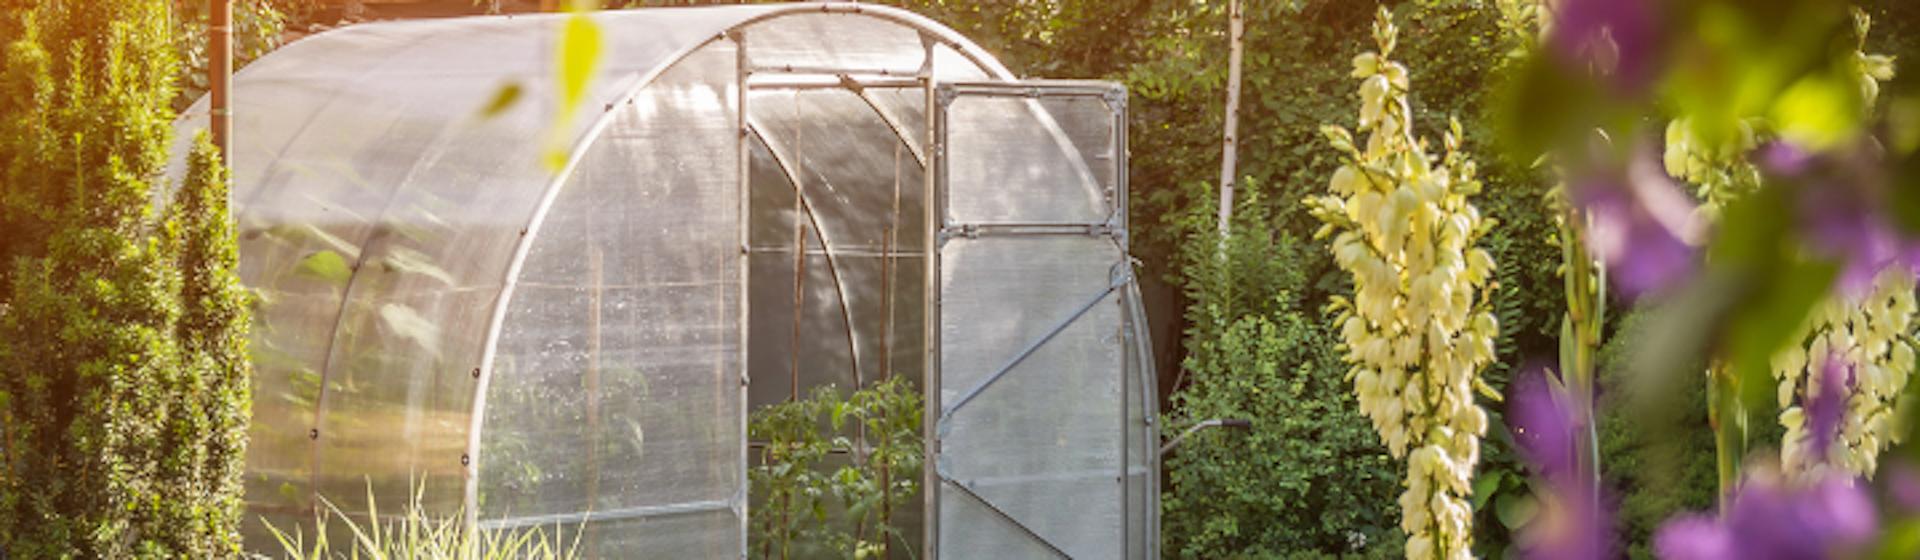 ¿Cómo hacer un invernadero casero? Cosecha tus alimentos sin gastar un sólo centavo